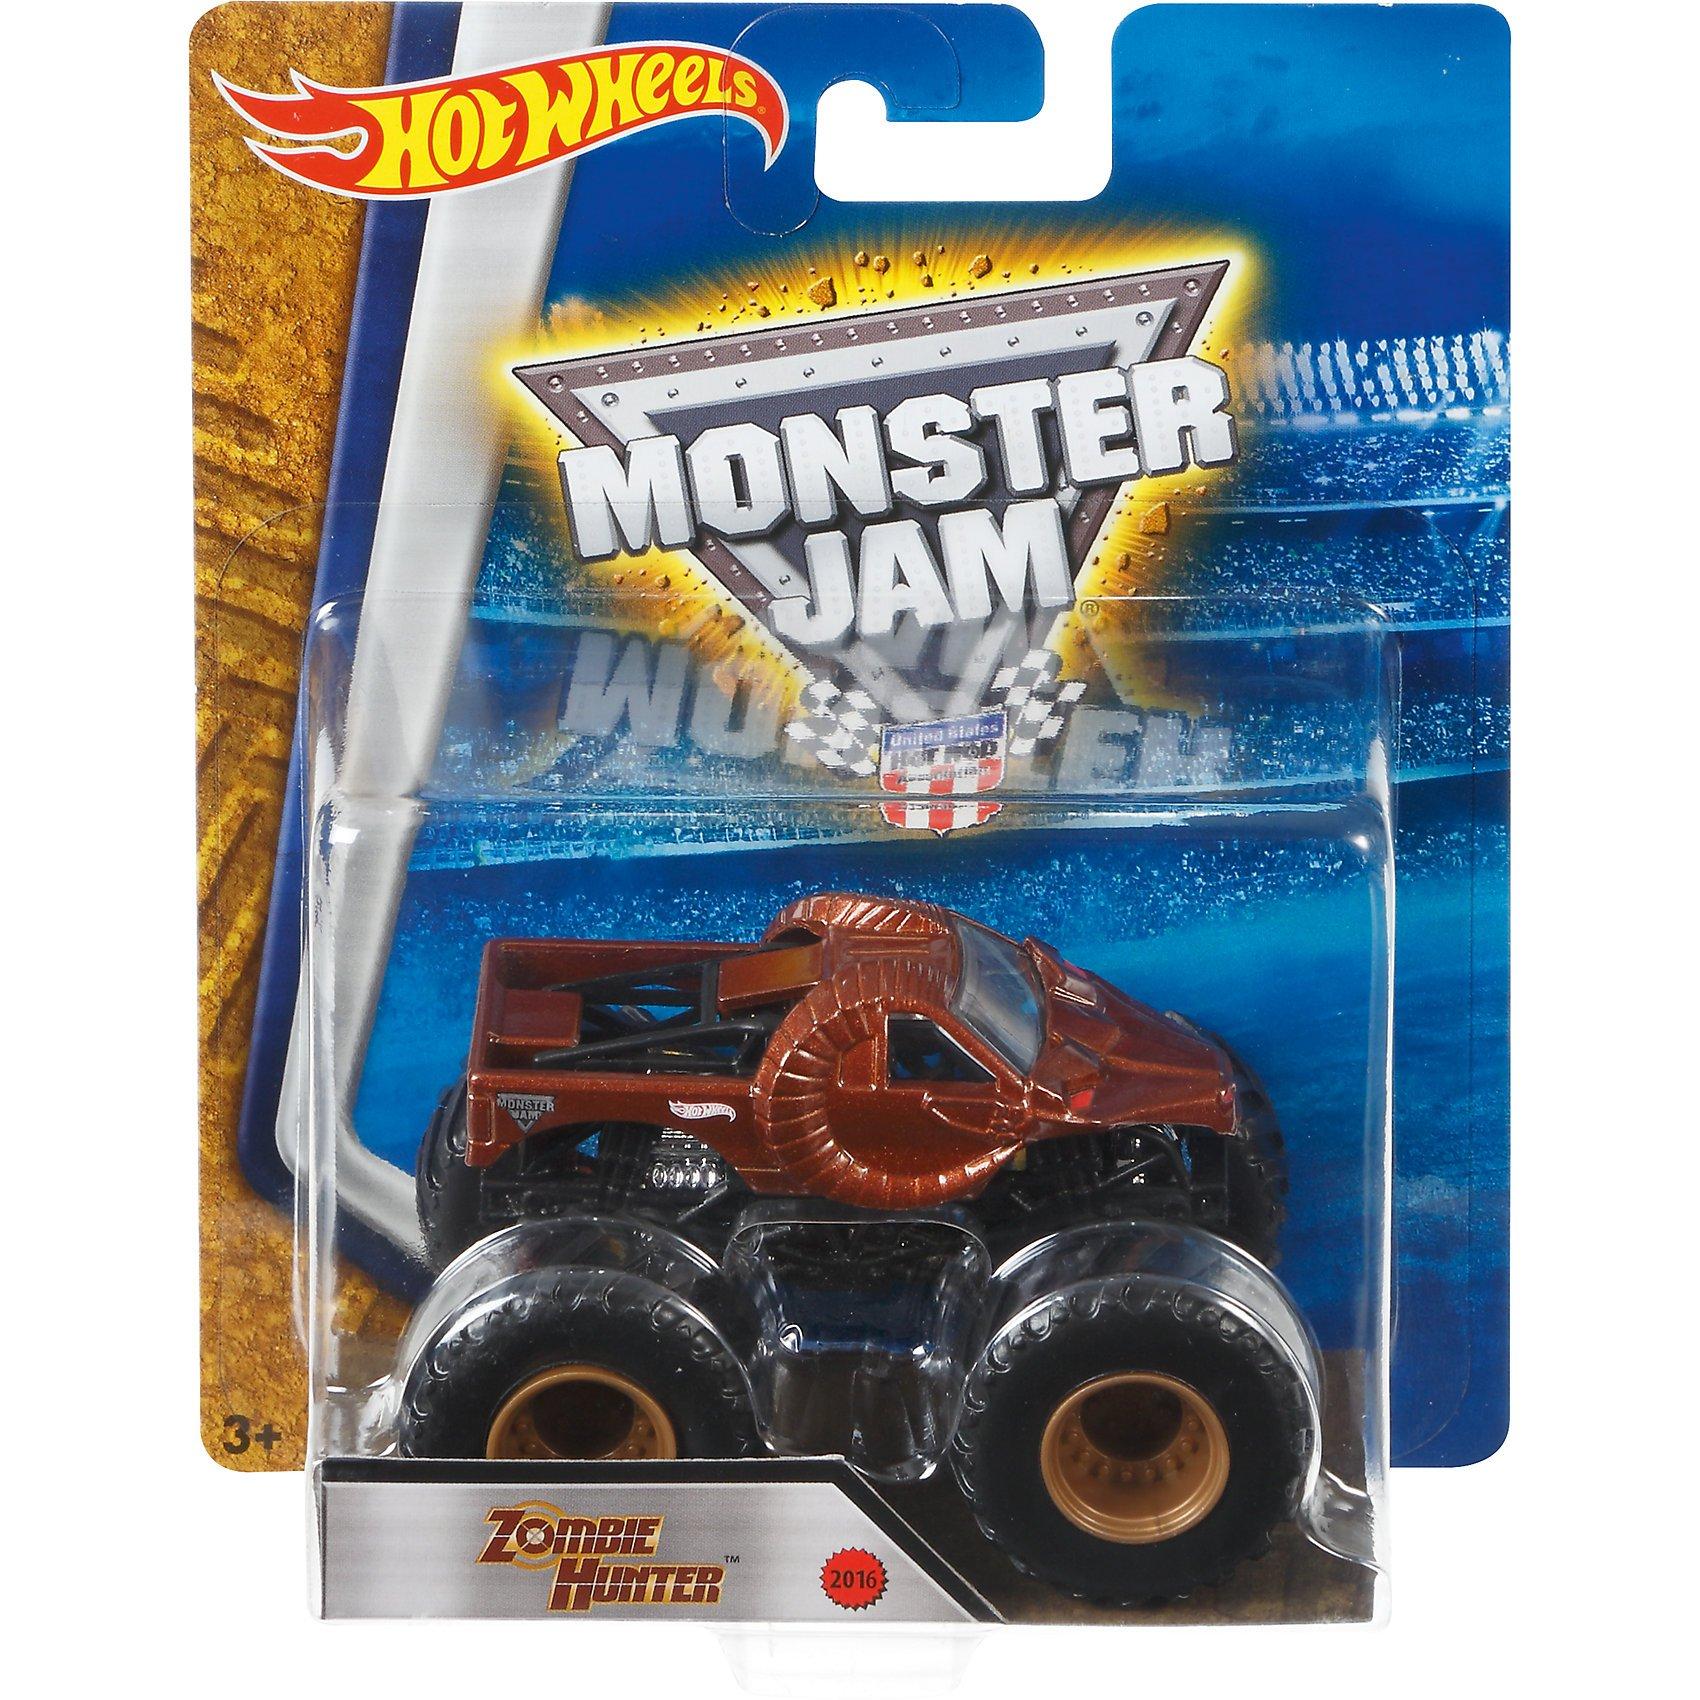 Buy Hot Wheels Monster Jam Truck 1 64 Zombie Hunter